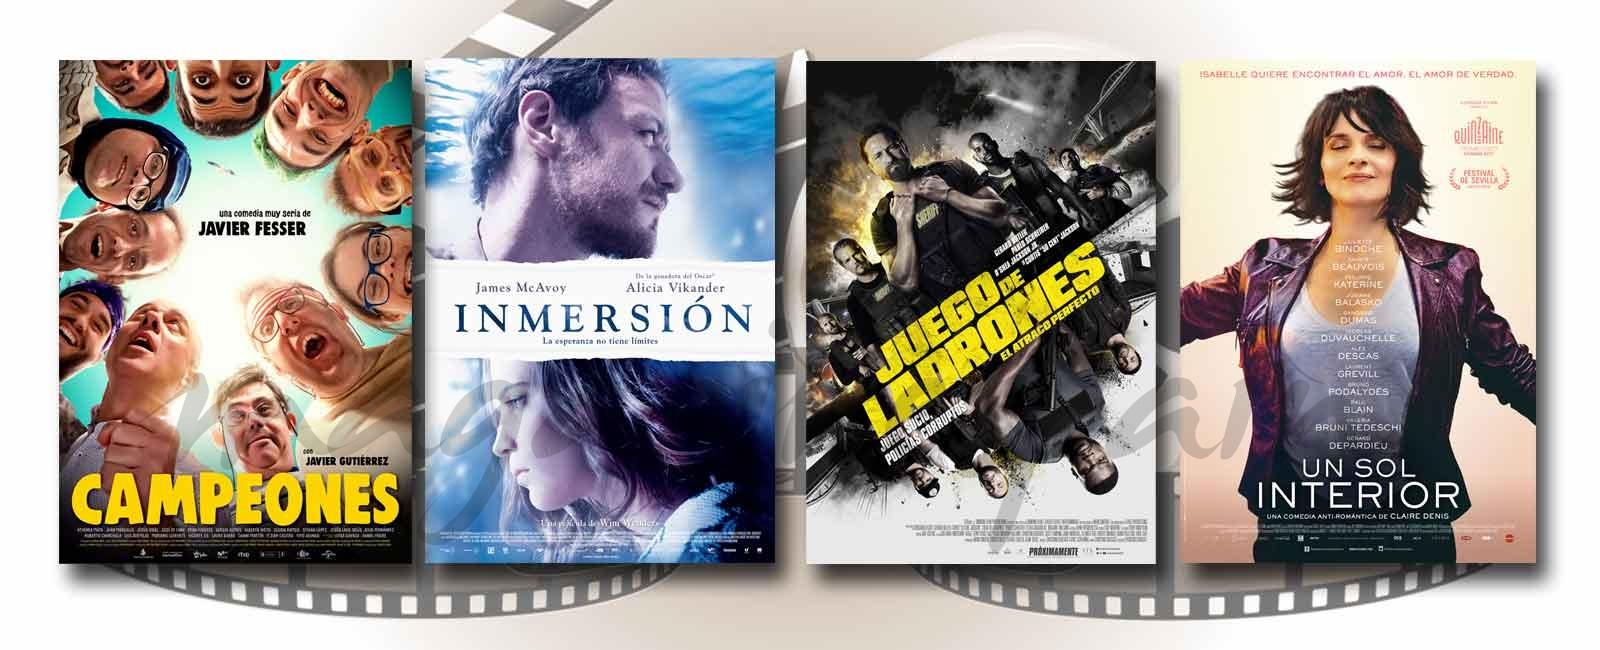 Estrenos de Cine de la Semana… 6 de Abril 2018